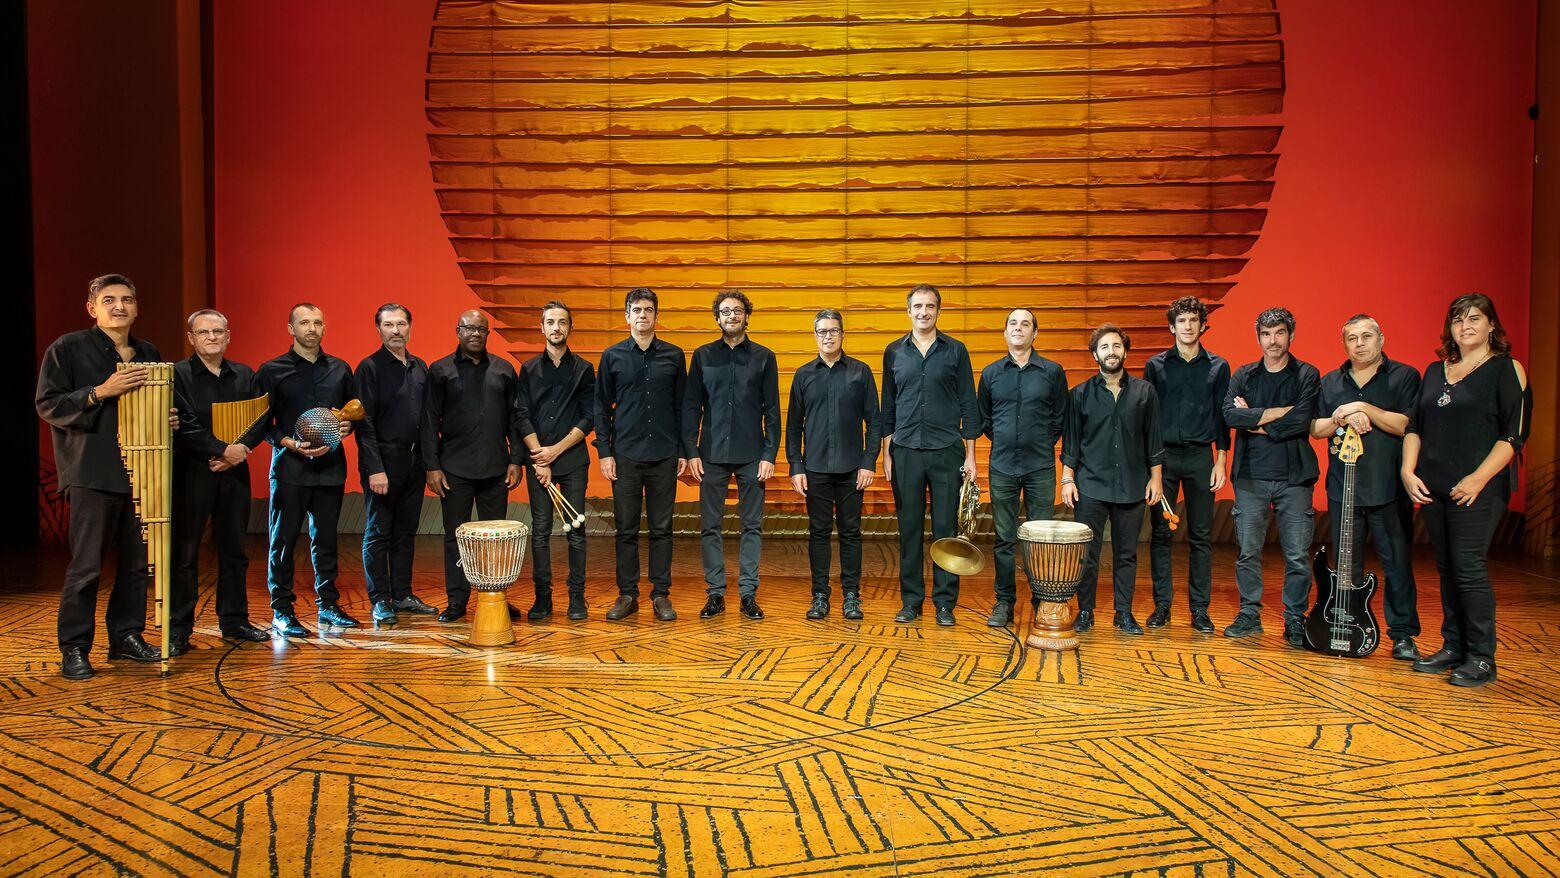 Orquesta El Rey Leon el musical